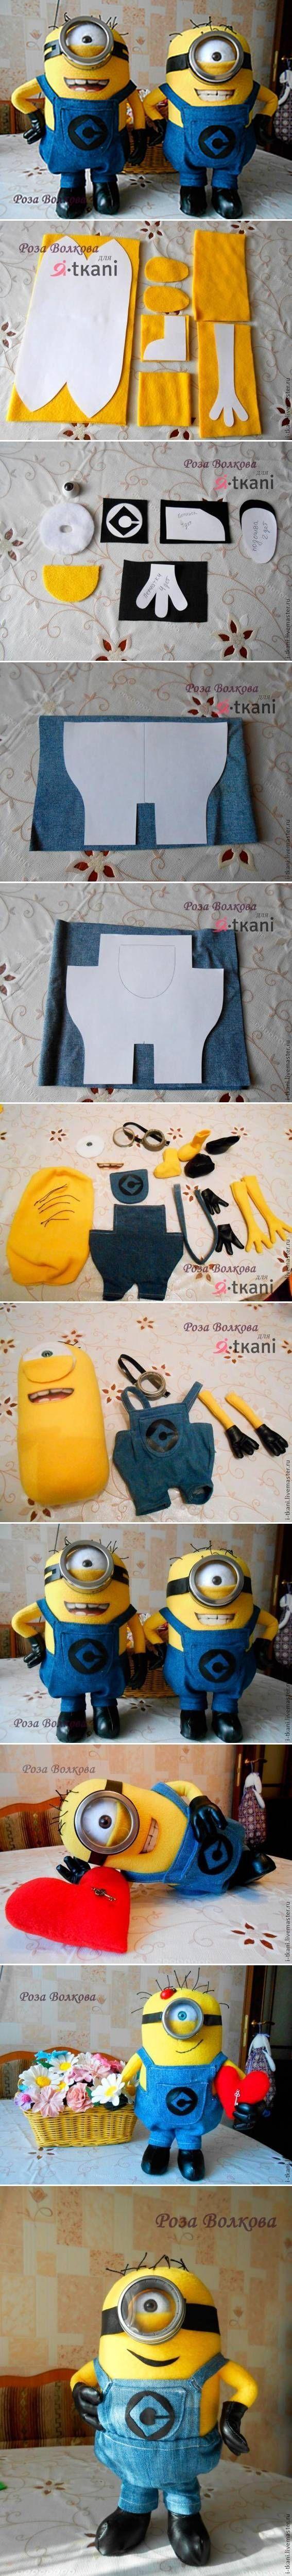 DIY Minion Dolls DIY Minion Dolls by diyforever